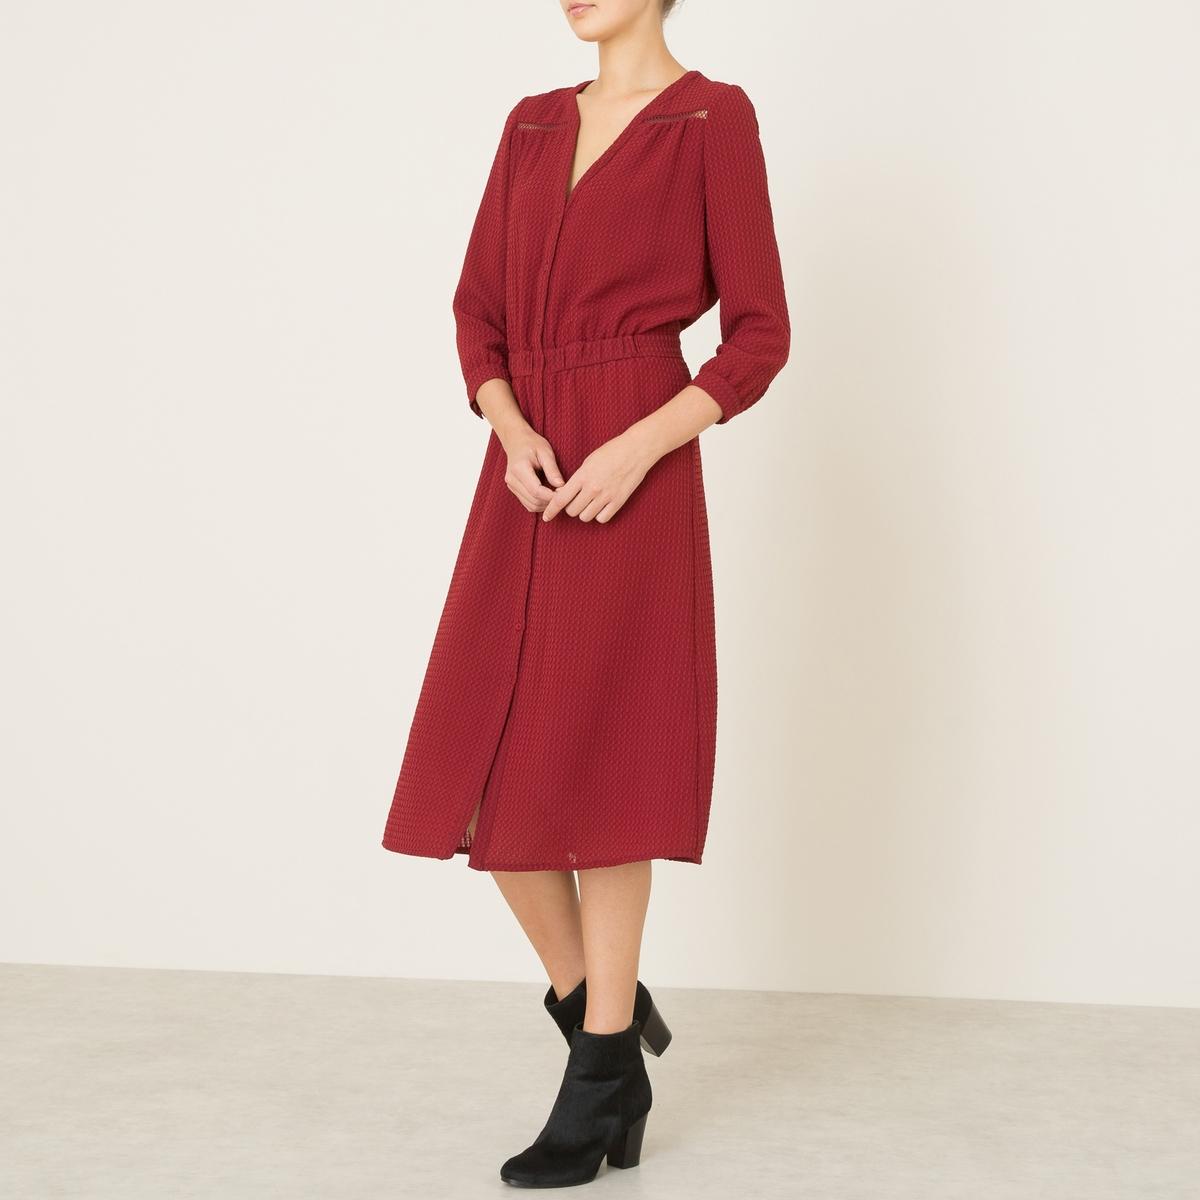 Платье ZOEПлатье BA&amp;SH - модель ZOE. Оригинальная рельефная ткань. V-образный вырез. Ажурная лента и складки спереди. Эластичный пояс со складками. Рукава 3/4. Застежка на пуговицы спереди.Состав и описание      Материал : 100% полиэстер     Марка : BA&amp;SH<br><br>Цвет: красный